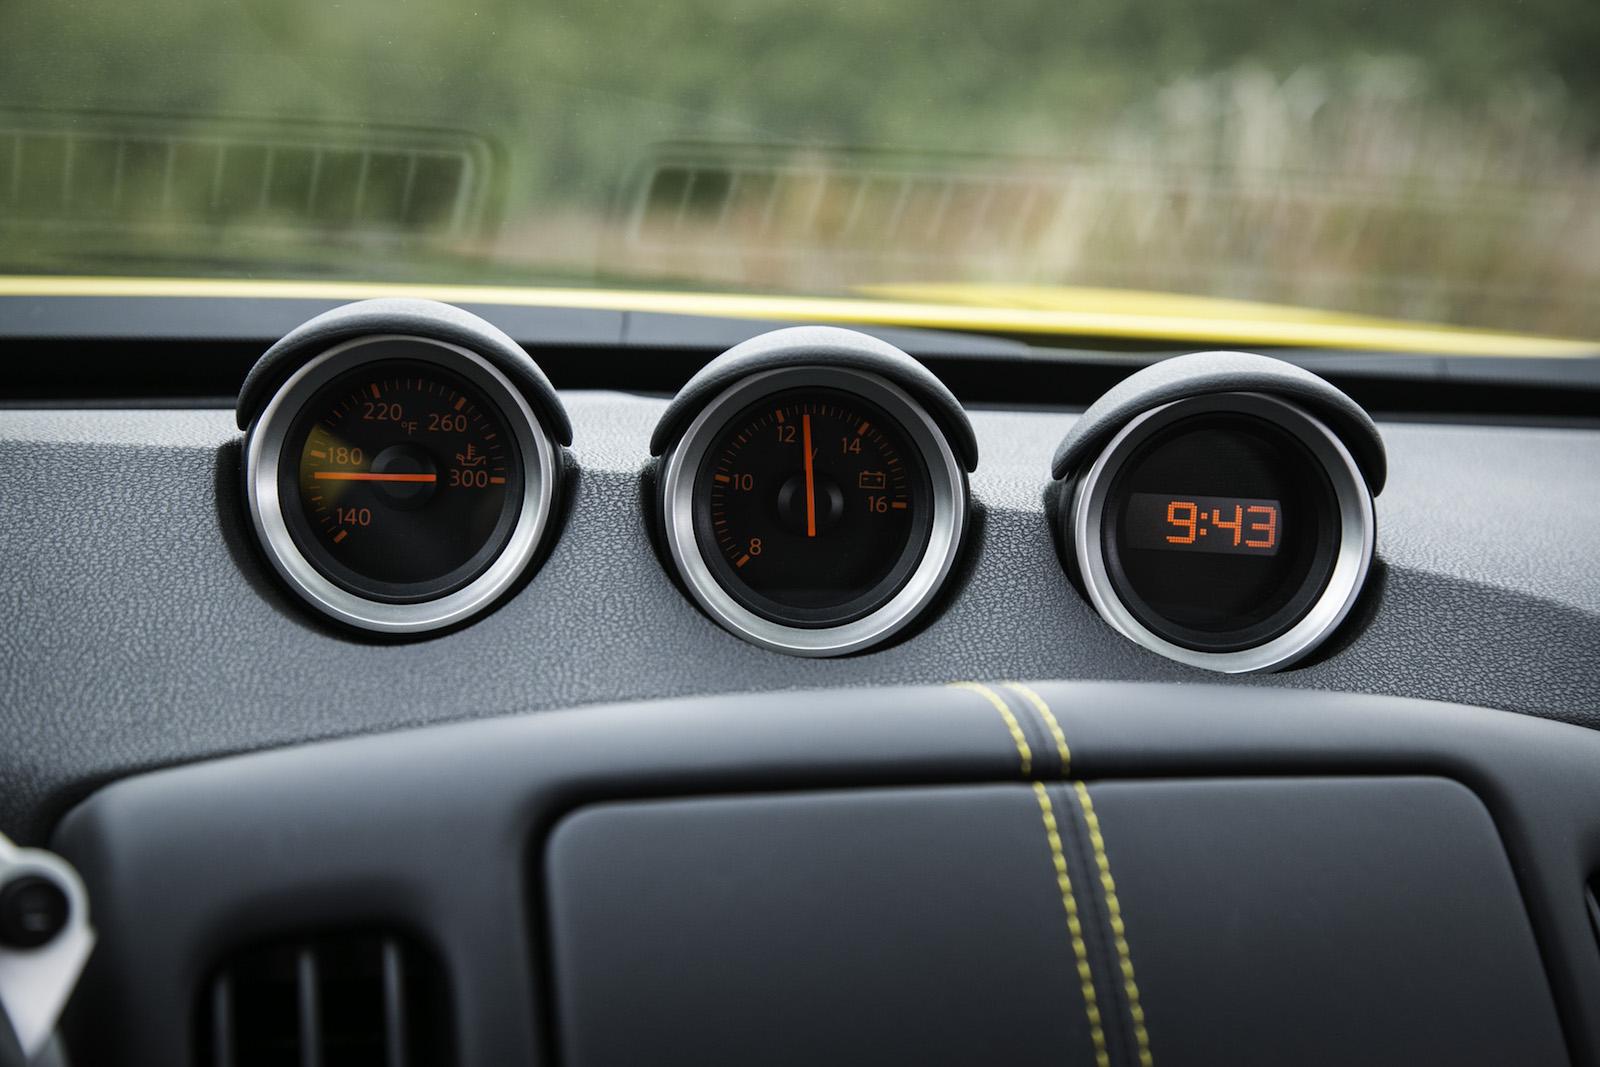 ¡El Z nipón está de cumpleaños! Para celebrarlo, lanzan el Nissan 370Z Heritage Edition en EEUU